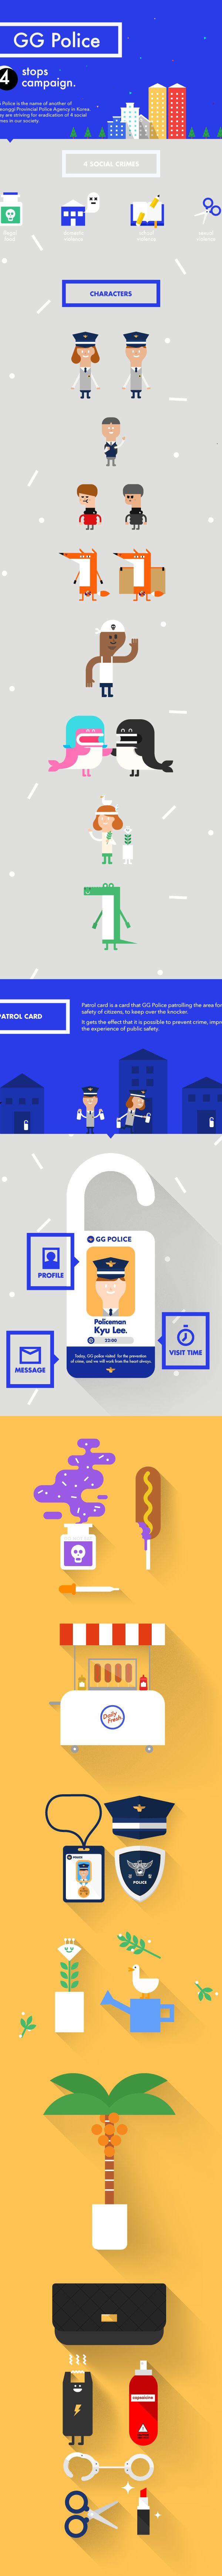 GG POLICE by Hyunkyu Lee, via Behance